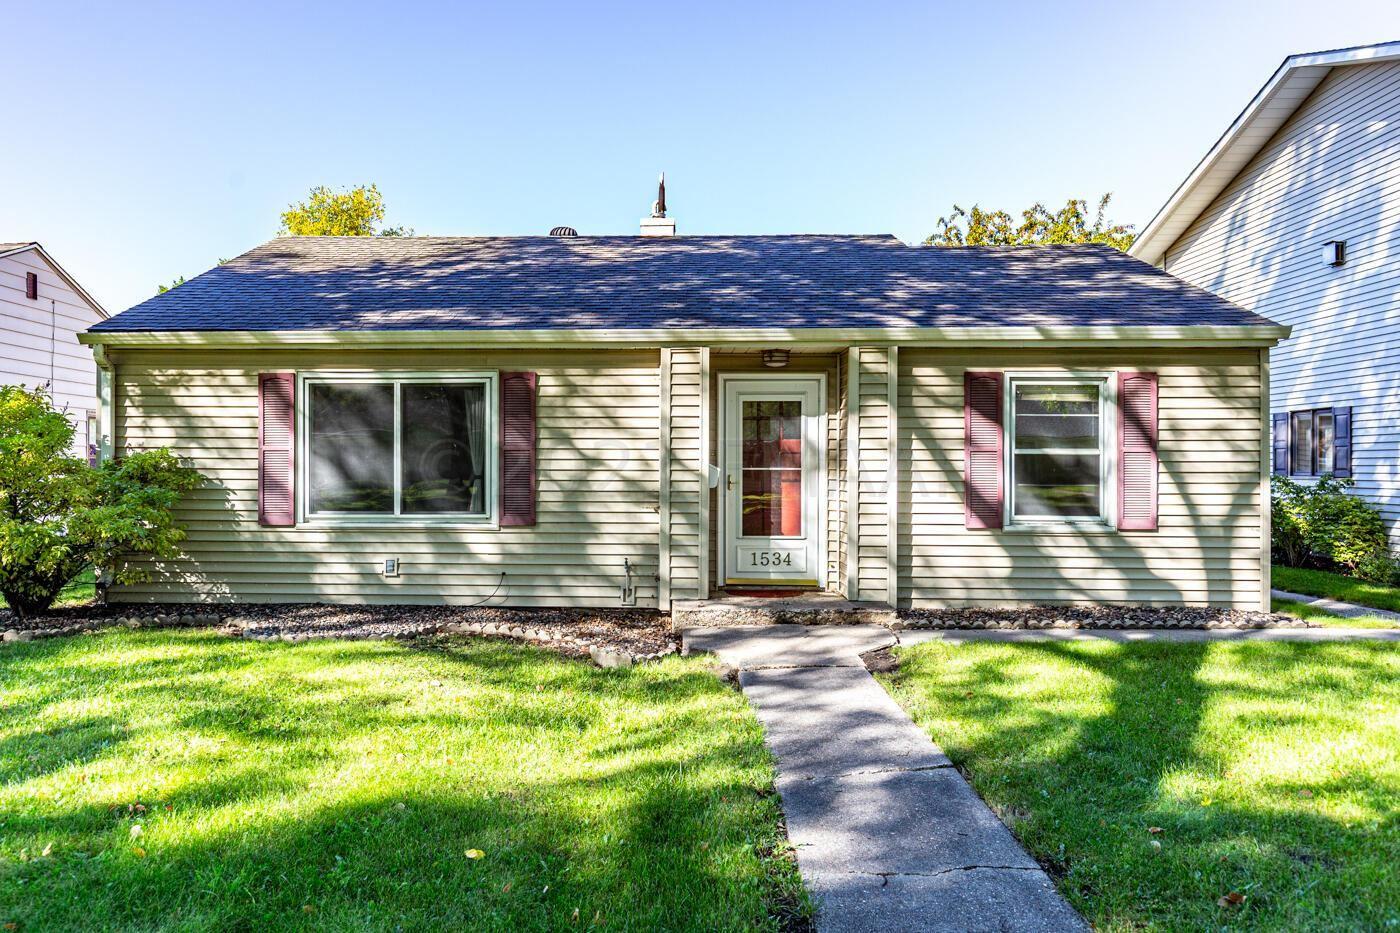 1534 5 Street N, Fargo, ND 58102 - #: 21-5574